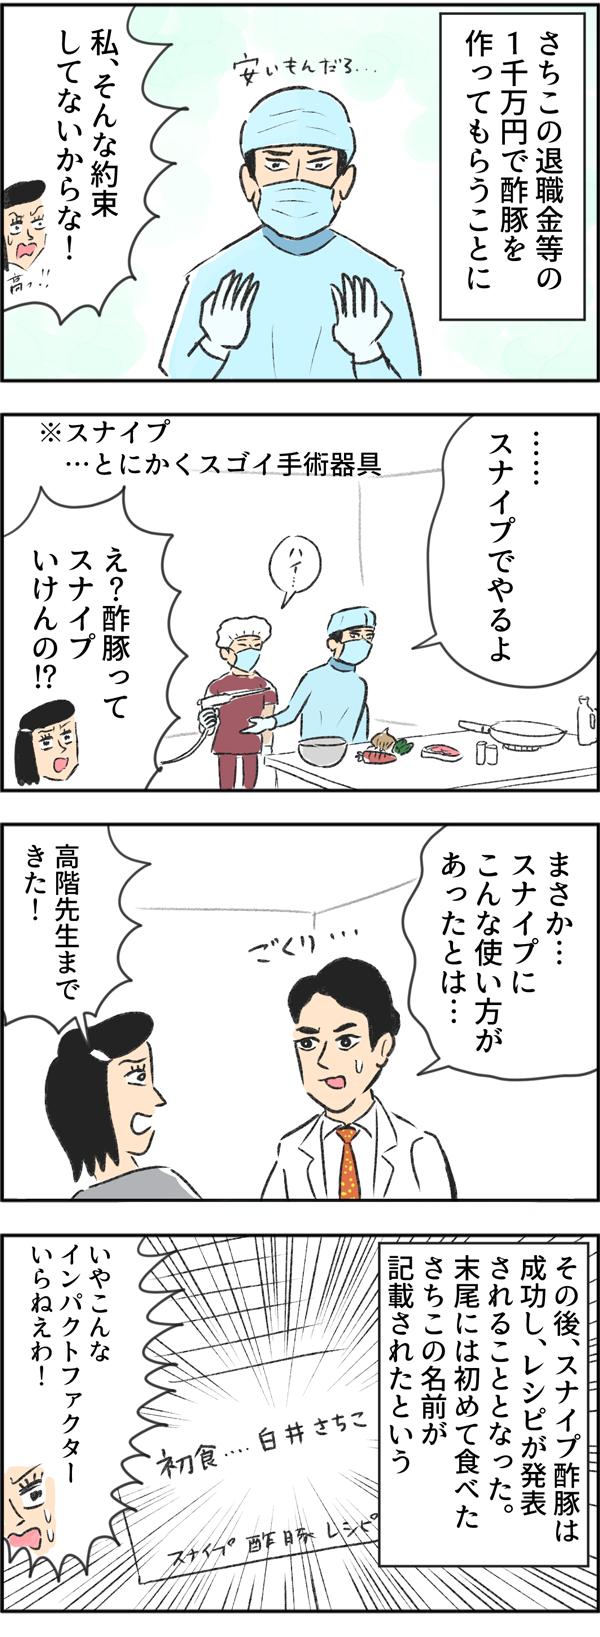 さちこの退職金等の1千万円で酢豚を作ってもらうことに。さちこはそんな約束していないとツッコミました。渡海先生が「スナイプでやるよ。」ととにかくスゴイ手術器具を使い始めると、「まさか…スナイプにこんな使い方があったとは…」と高階先生まで来て、見守ります。その後、スナイプ酢豚は成功し、レシピが発表されることとなりました。末尾には初めて食べたさちこの名前が記載されたという…。「いや、こんなインパクトファクターいらねえわ!」とツッコミをいれるさちこなのでした。